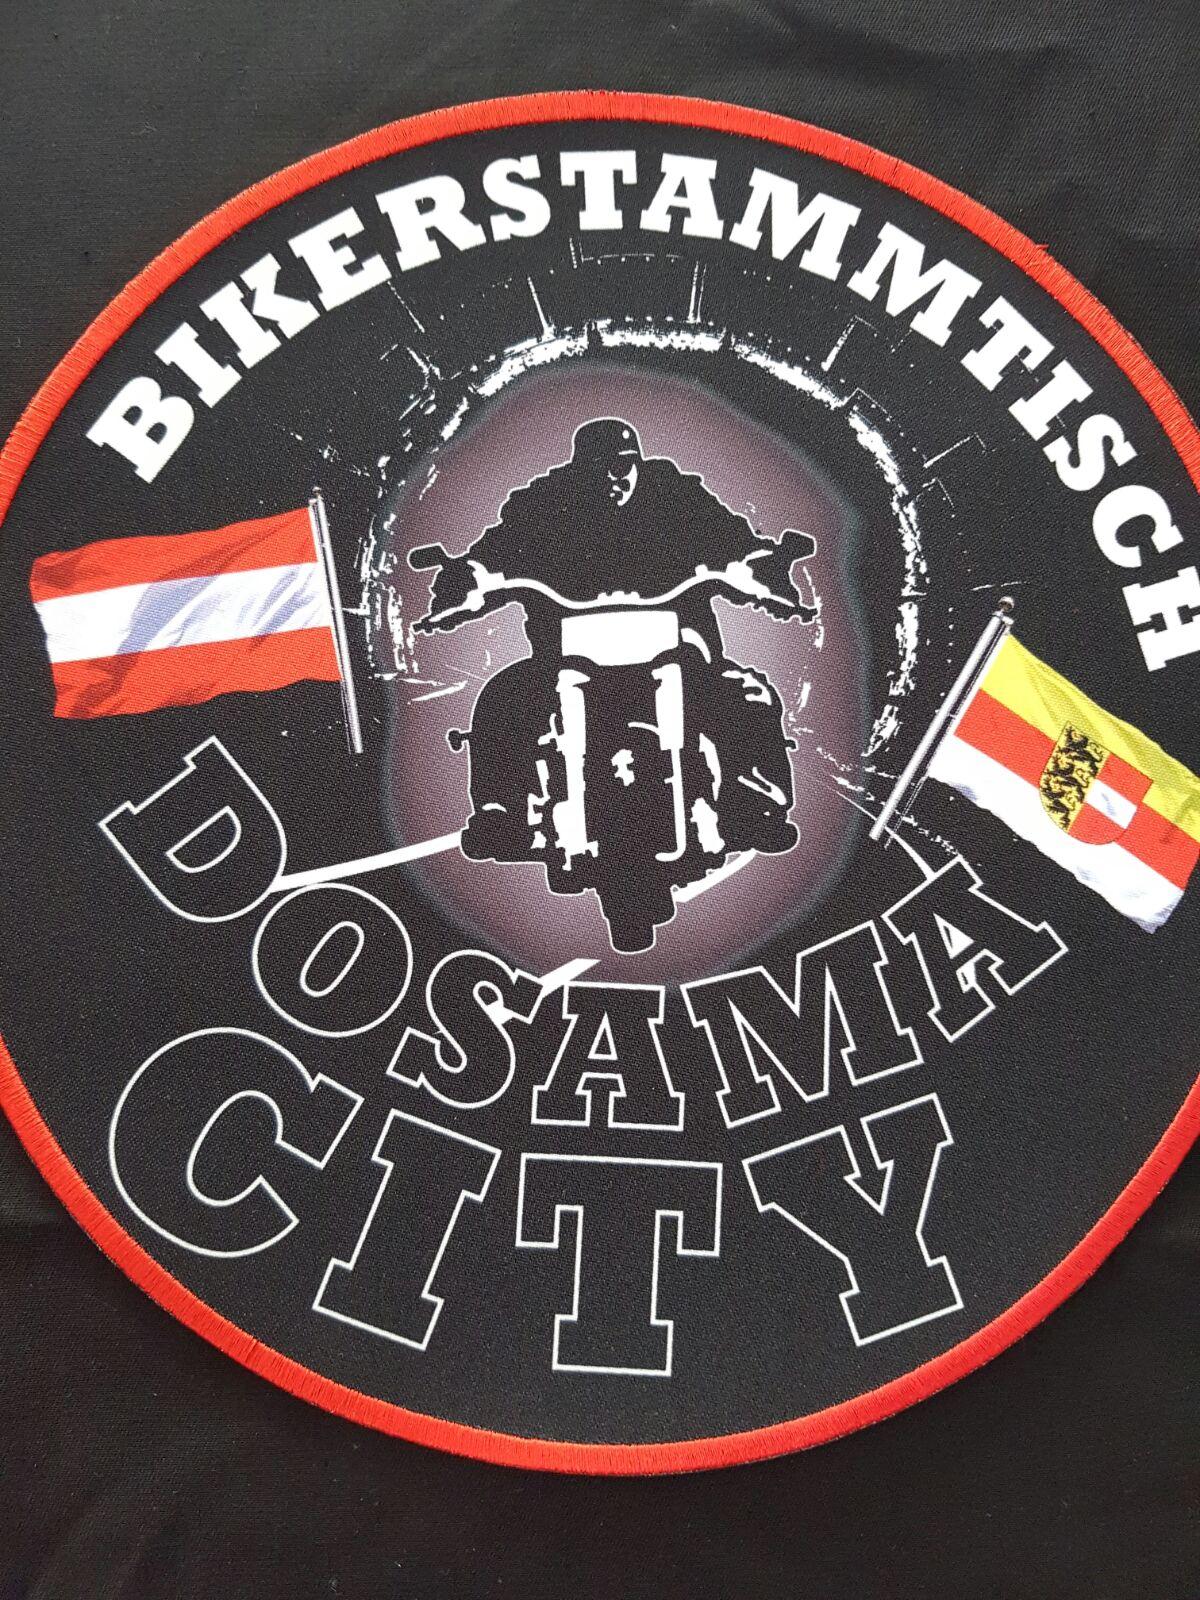 Biker-Dosama_gedruckte_Patches